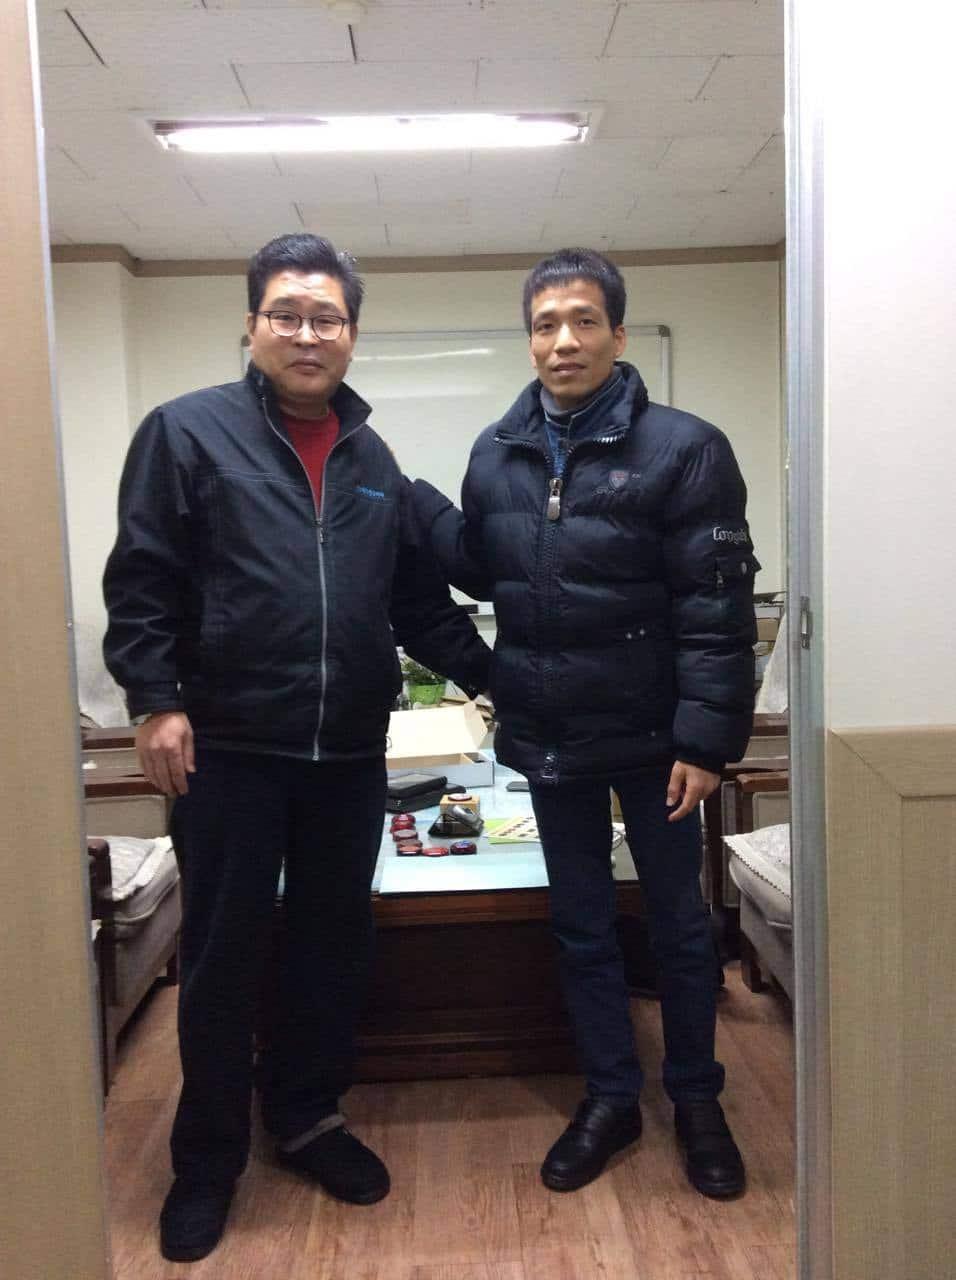 Công ty Kikentech là công ty liên doanh với Hàn Quốc, là nhà thầu lắp đặt kho lạnh uy tín chất lượng hàng đầu Việt Nam. Liên hệ công ty 0944.899.886